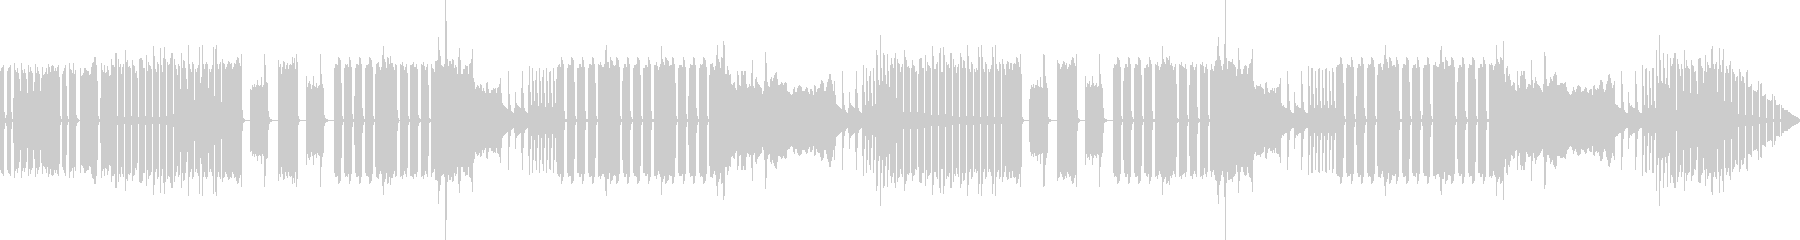 ハロウィンにオススメの少し奇妙で明るい曲の未再生の波形